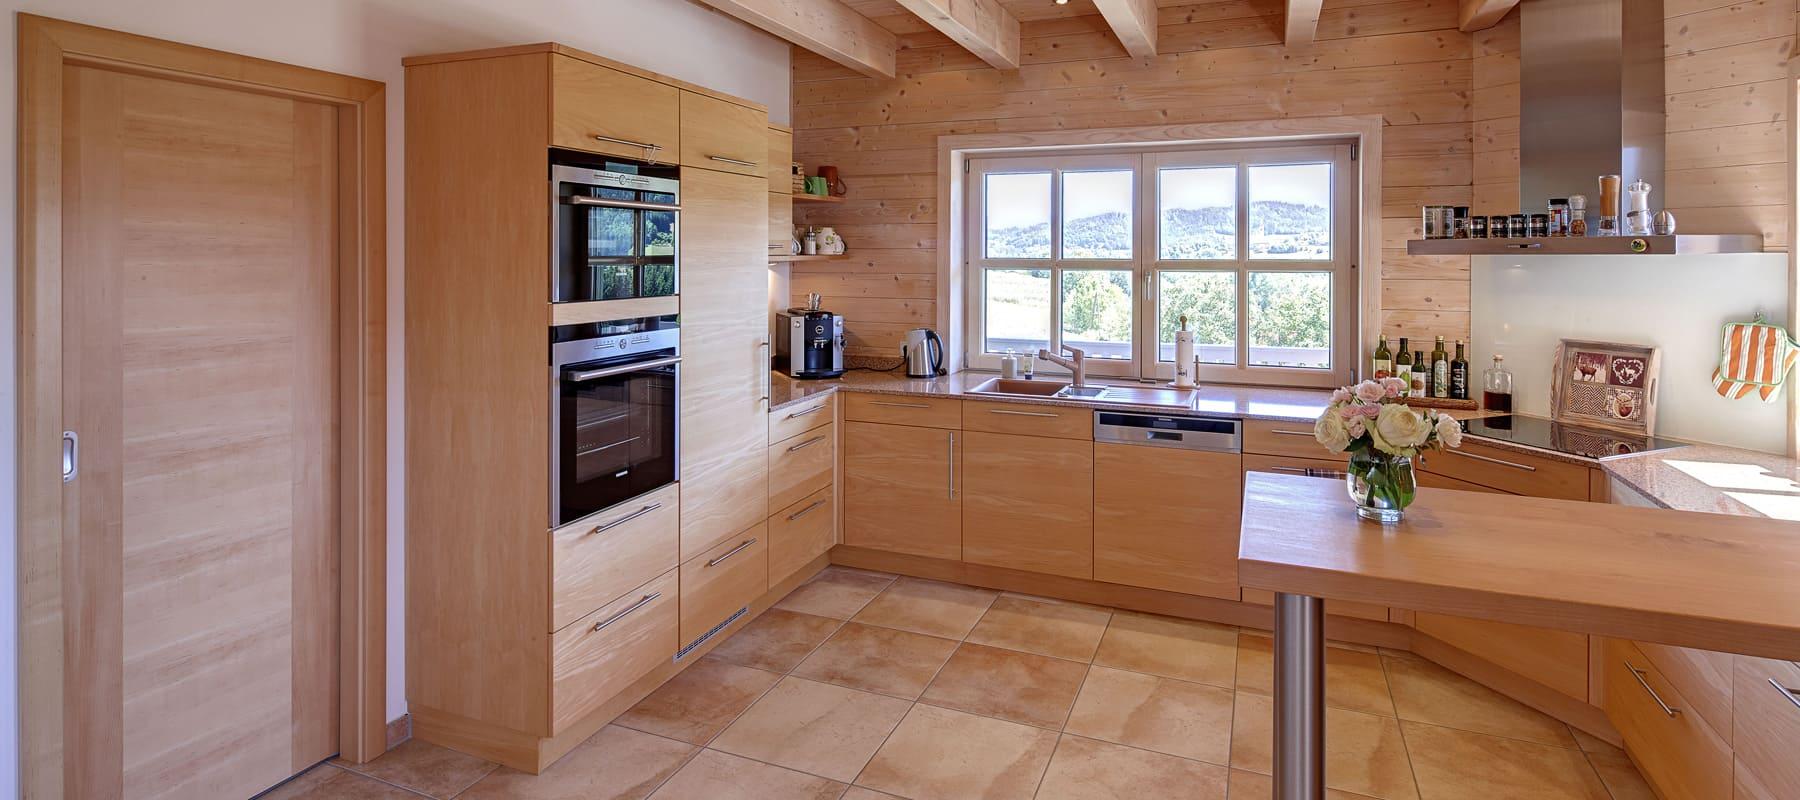 k chen und k chenm bel aus massivholz bauen sie ihr holzhaus passivhaus. Black Bedroom Furniture Sets. Home Design Ideas